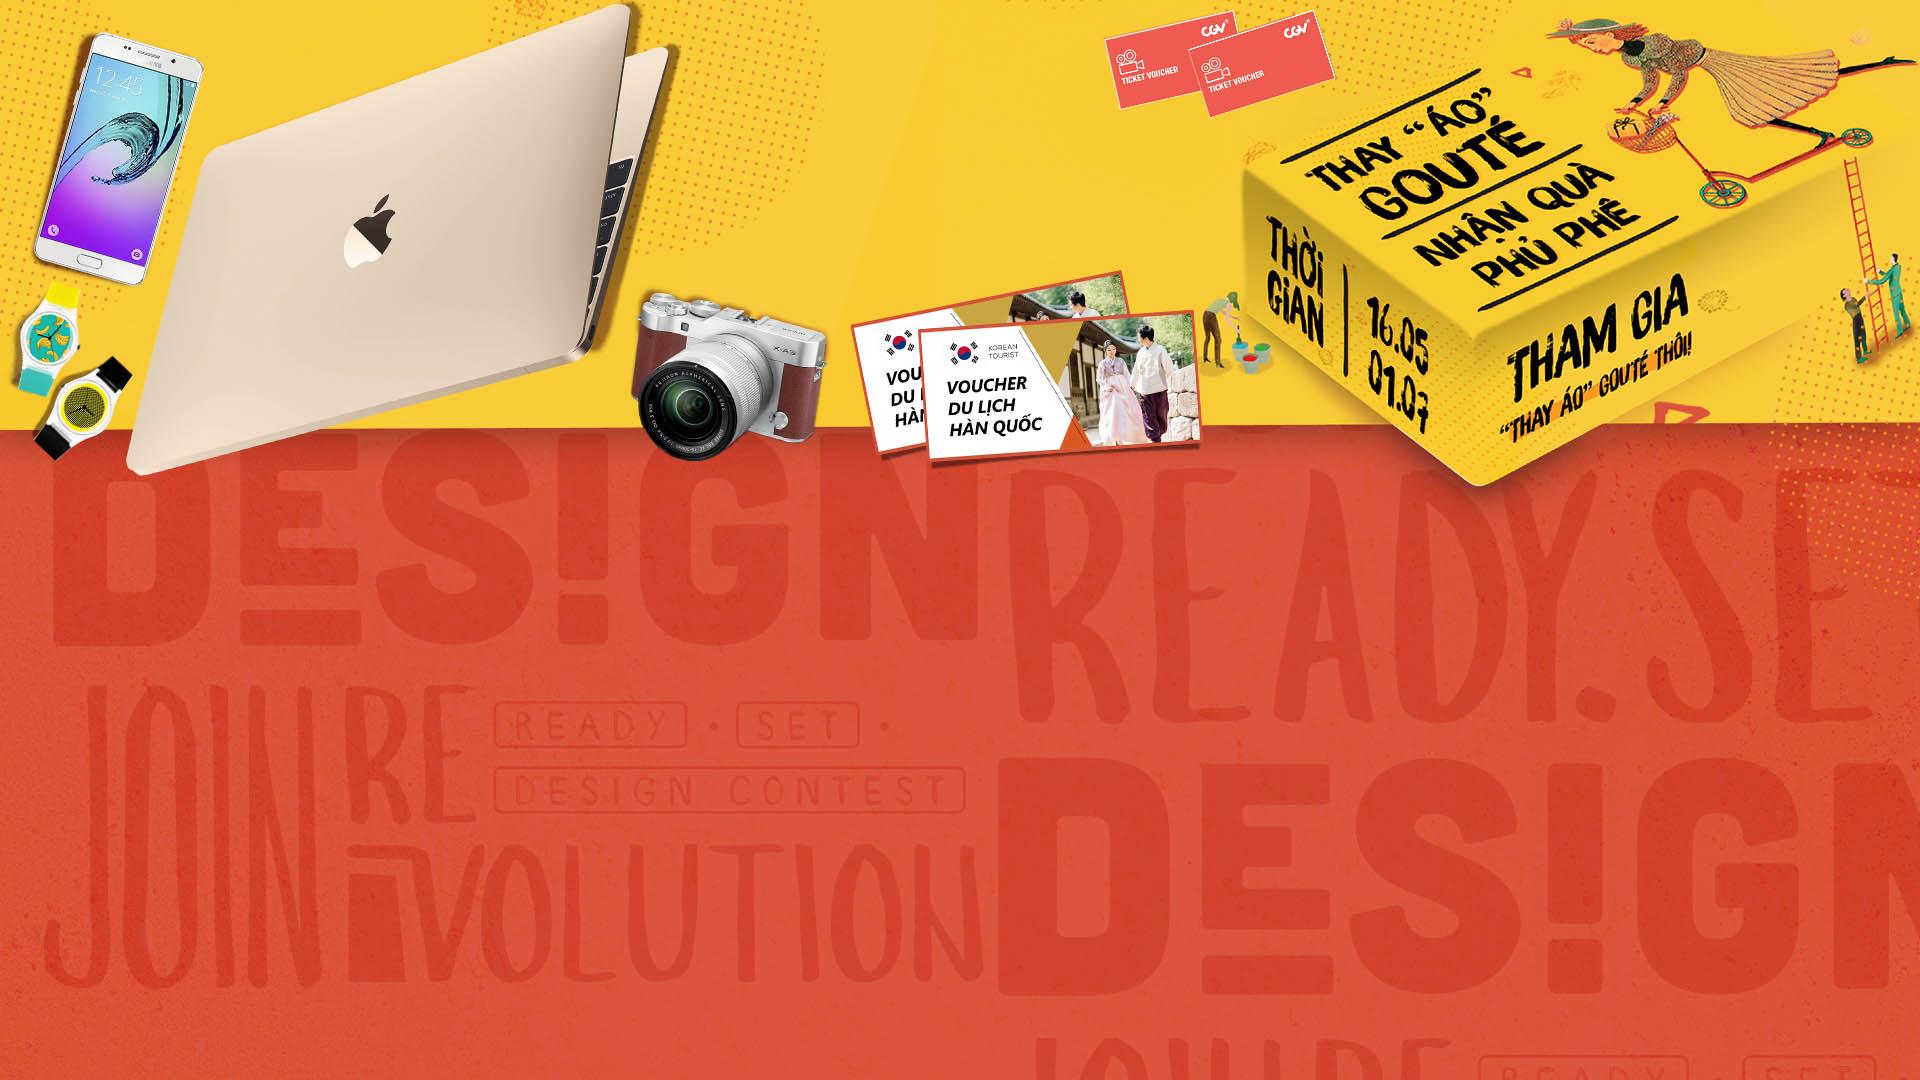 <h1>THAY ÁO GOUTÉ</h1><p>Thỏa sức sáng tạo với cuộc thi thiết kế typography cực ngầu cùng Gouté</p>